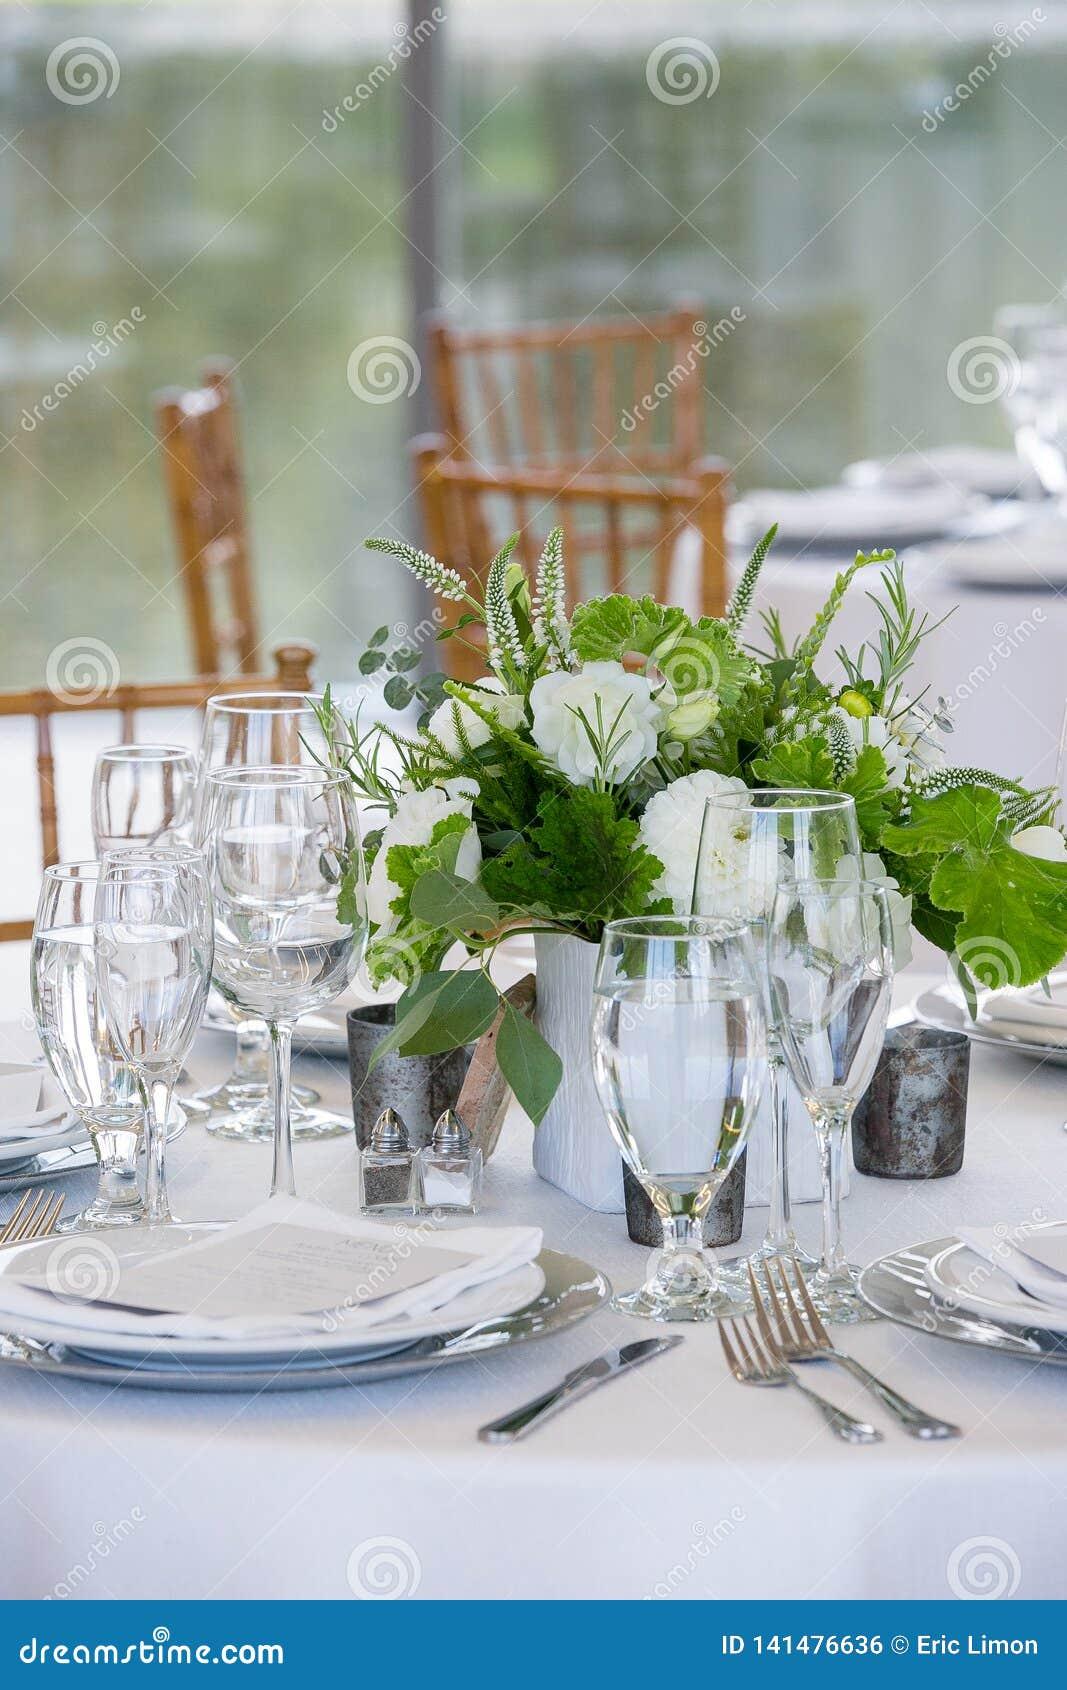 Épousant l ensemble de table pour l amende dinant à un événement approvisionné de fantaisie - série de table de mariage